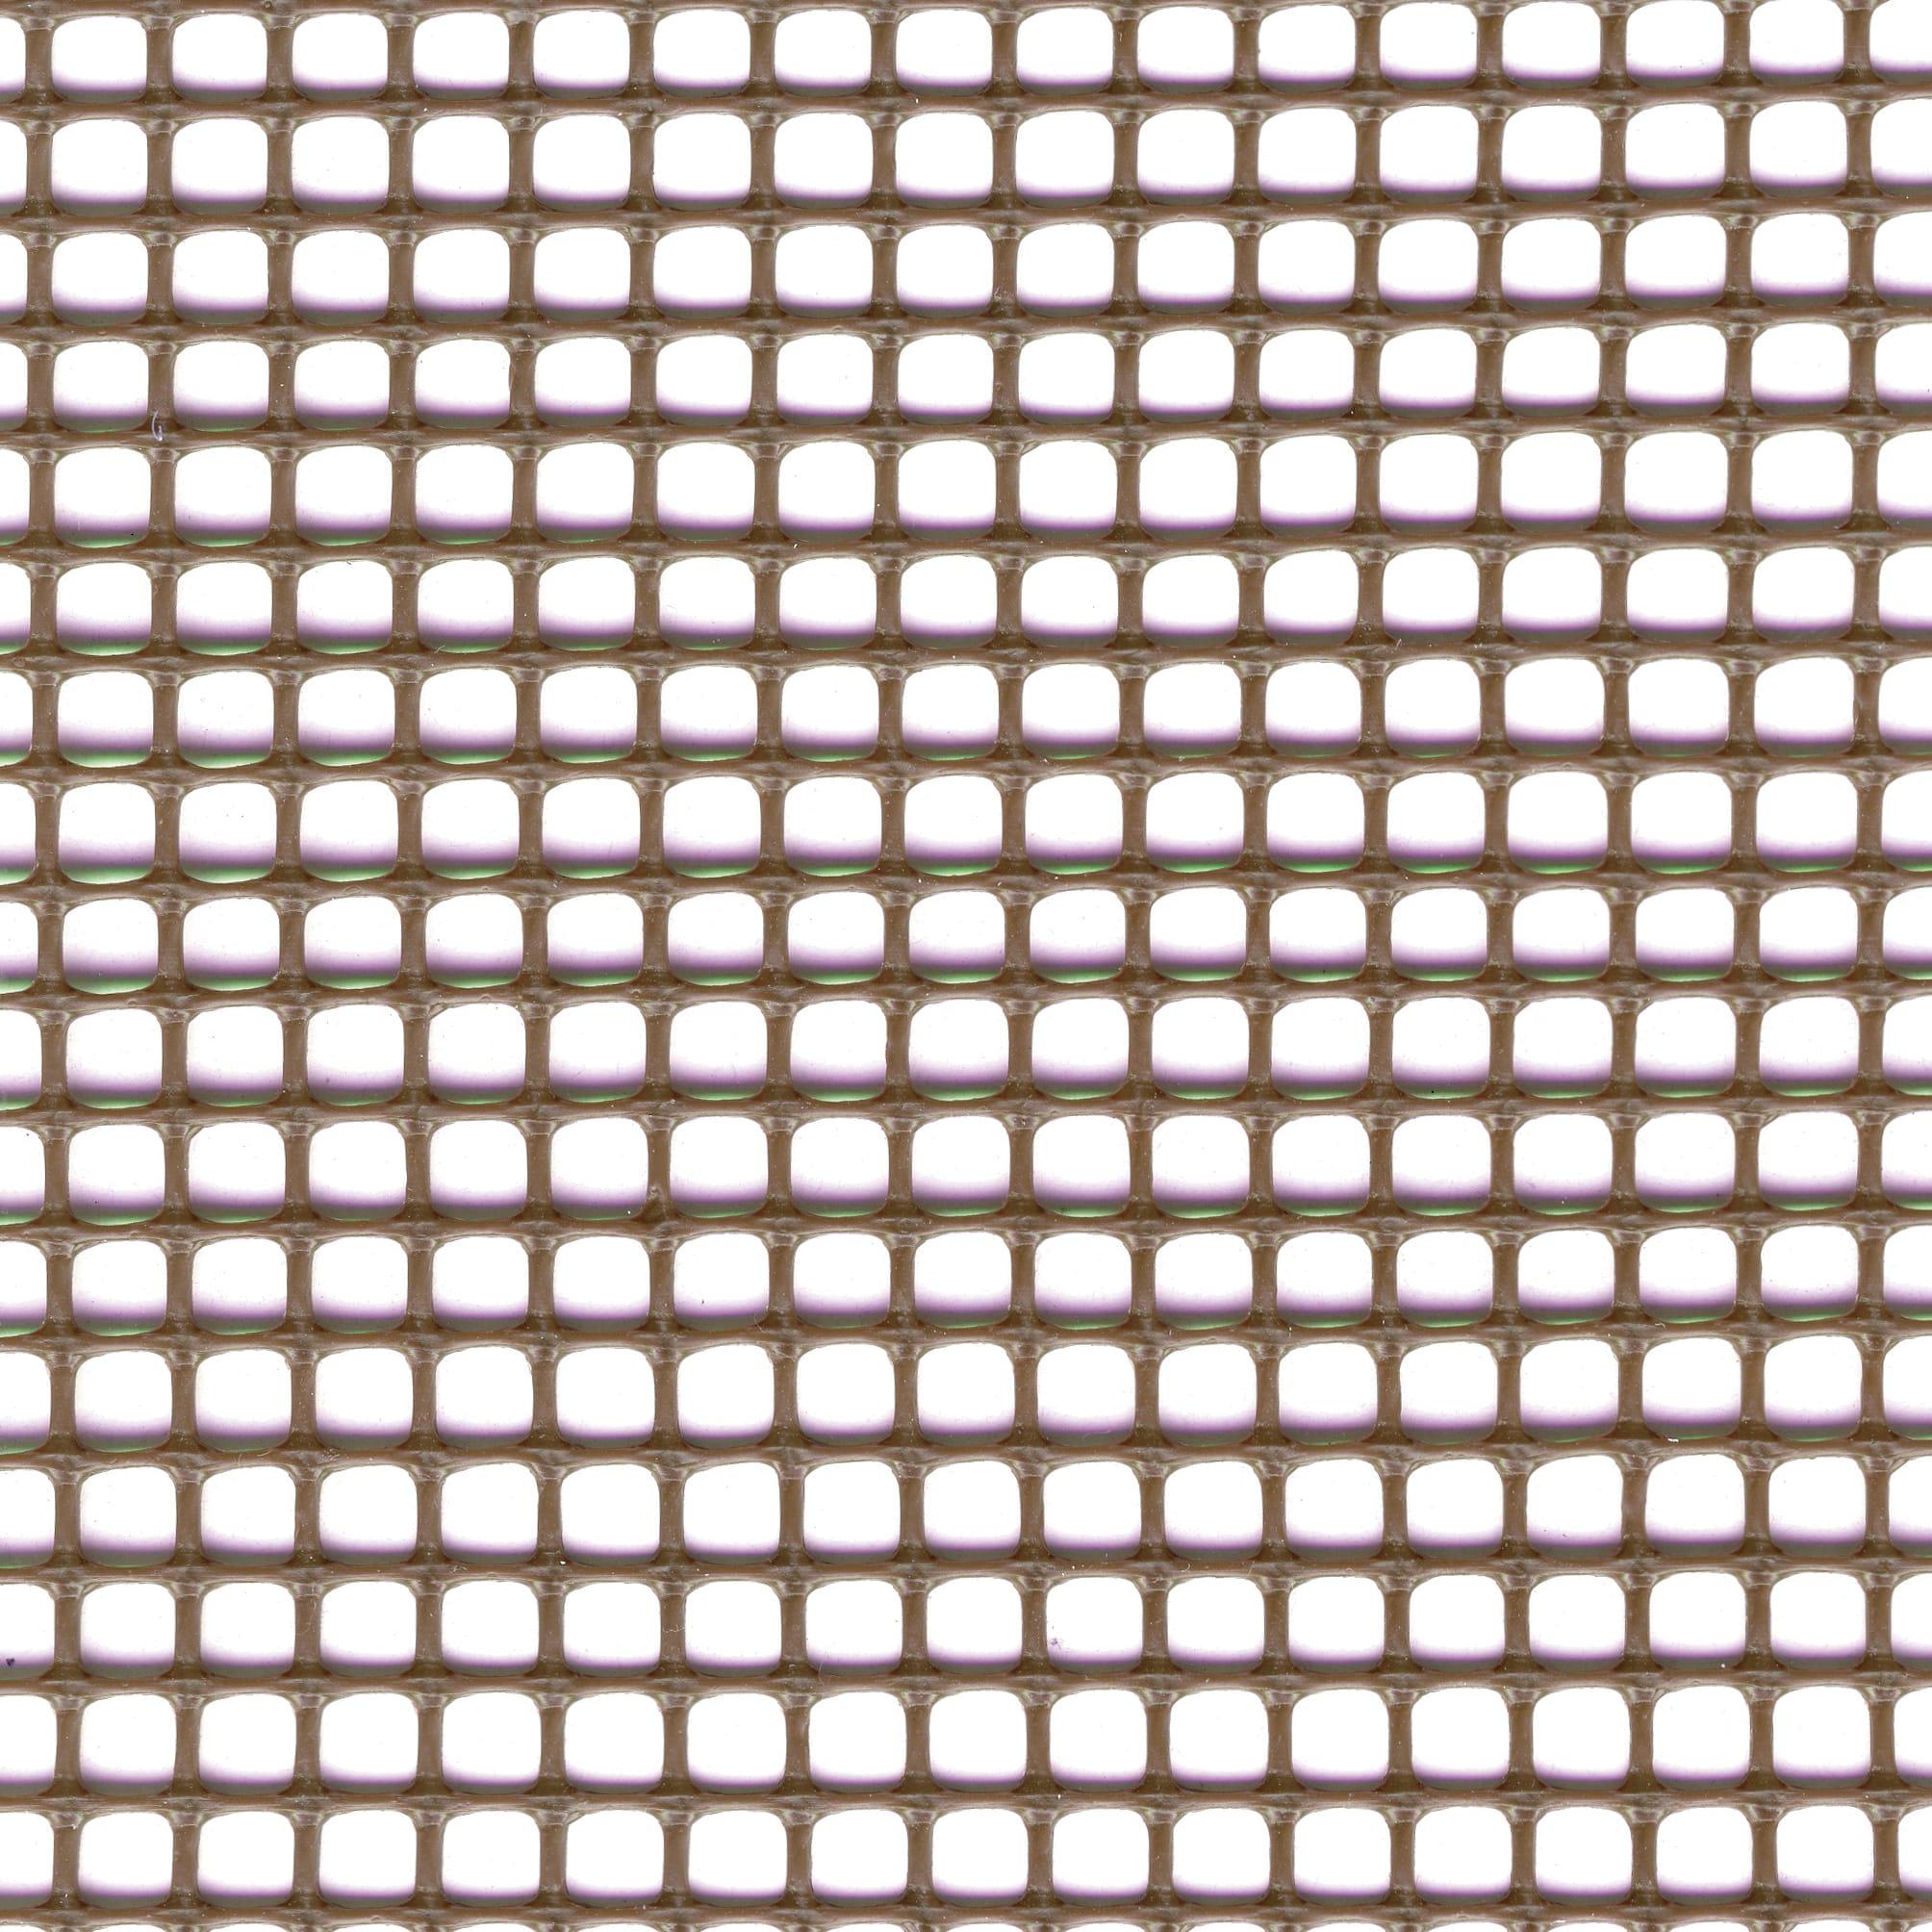 Rete Plastica Per Recinzioni Prezzi.Rete Plastica Quadra 05 L 5 X H 1 5 M Prezzi E Offerte Online